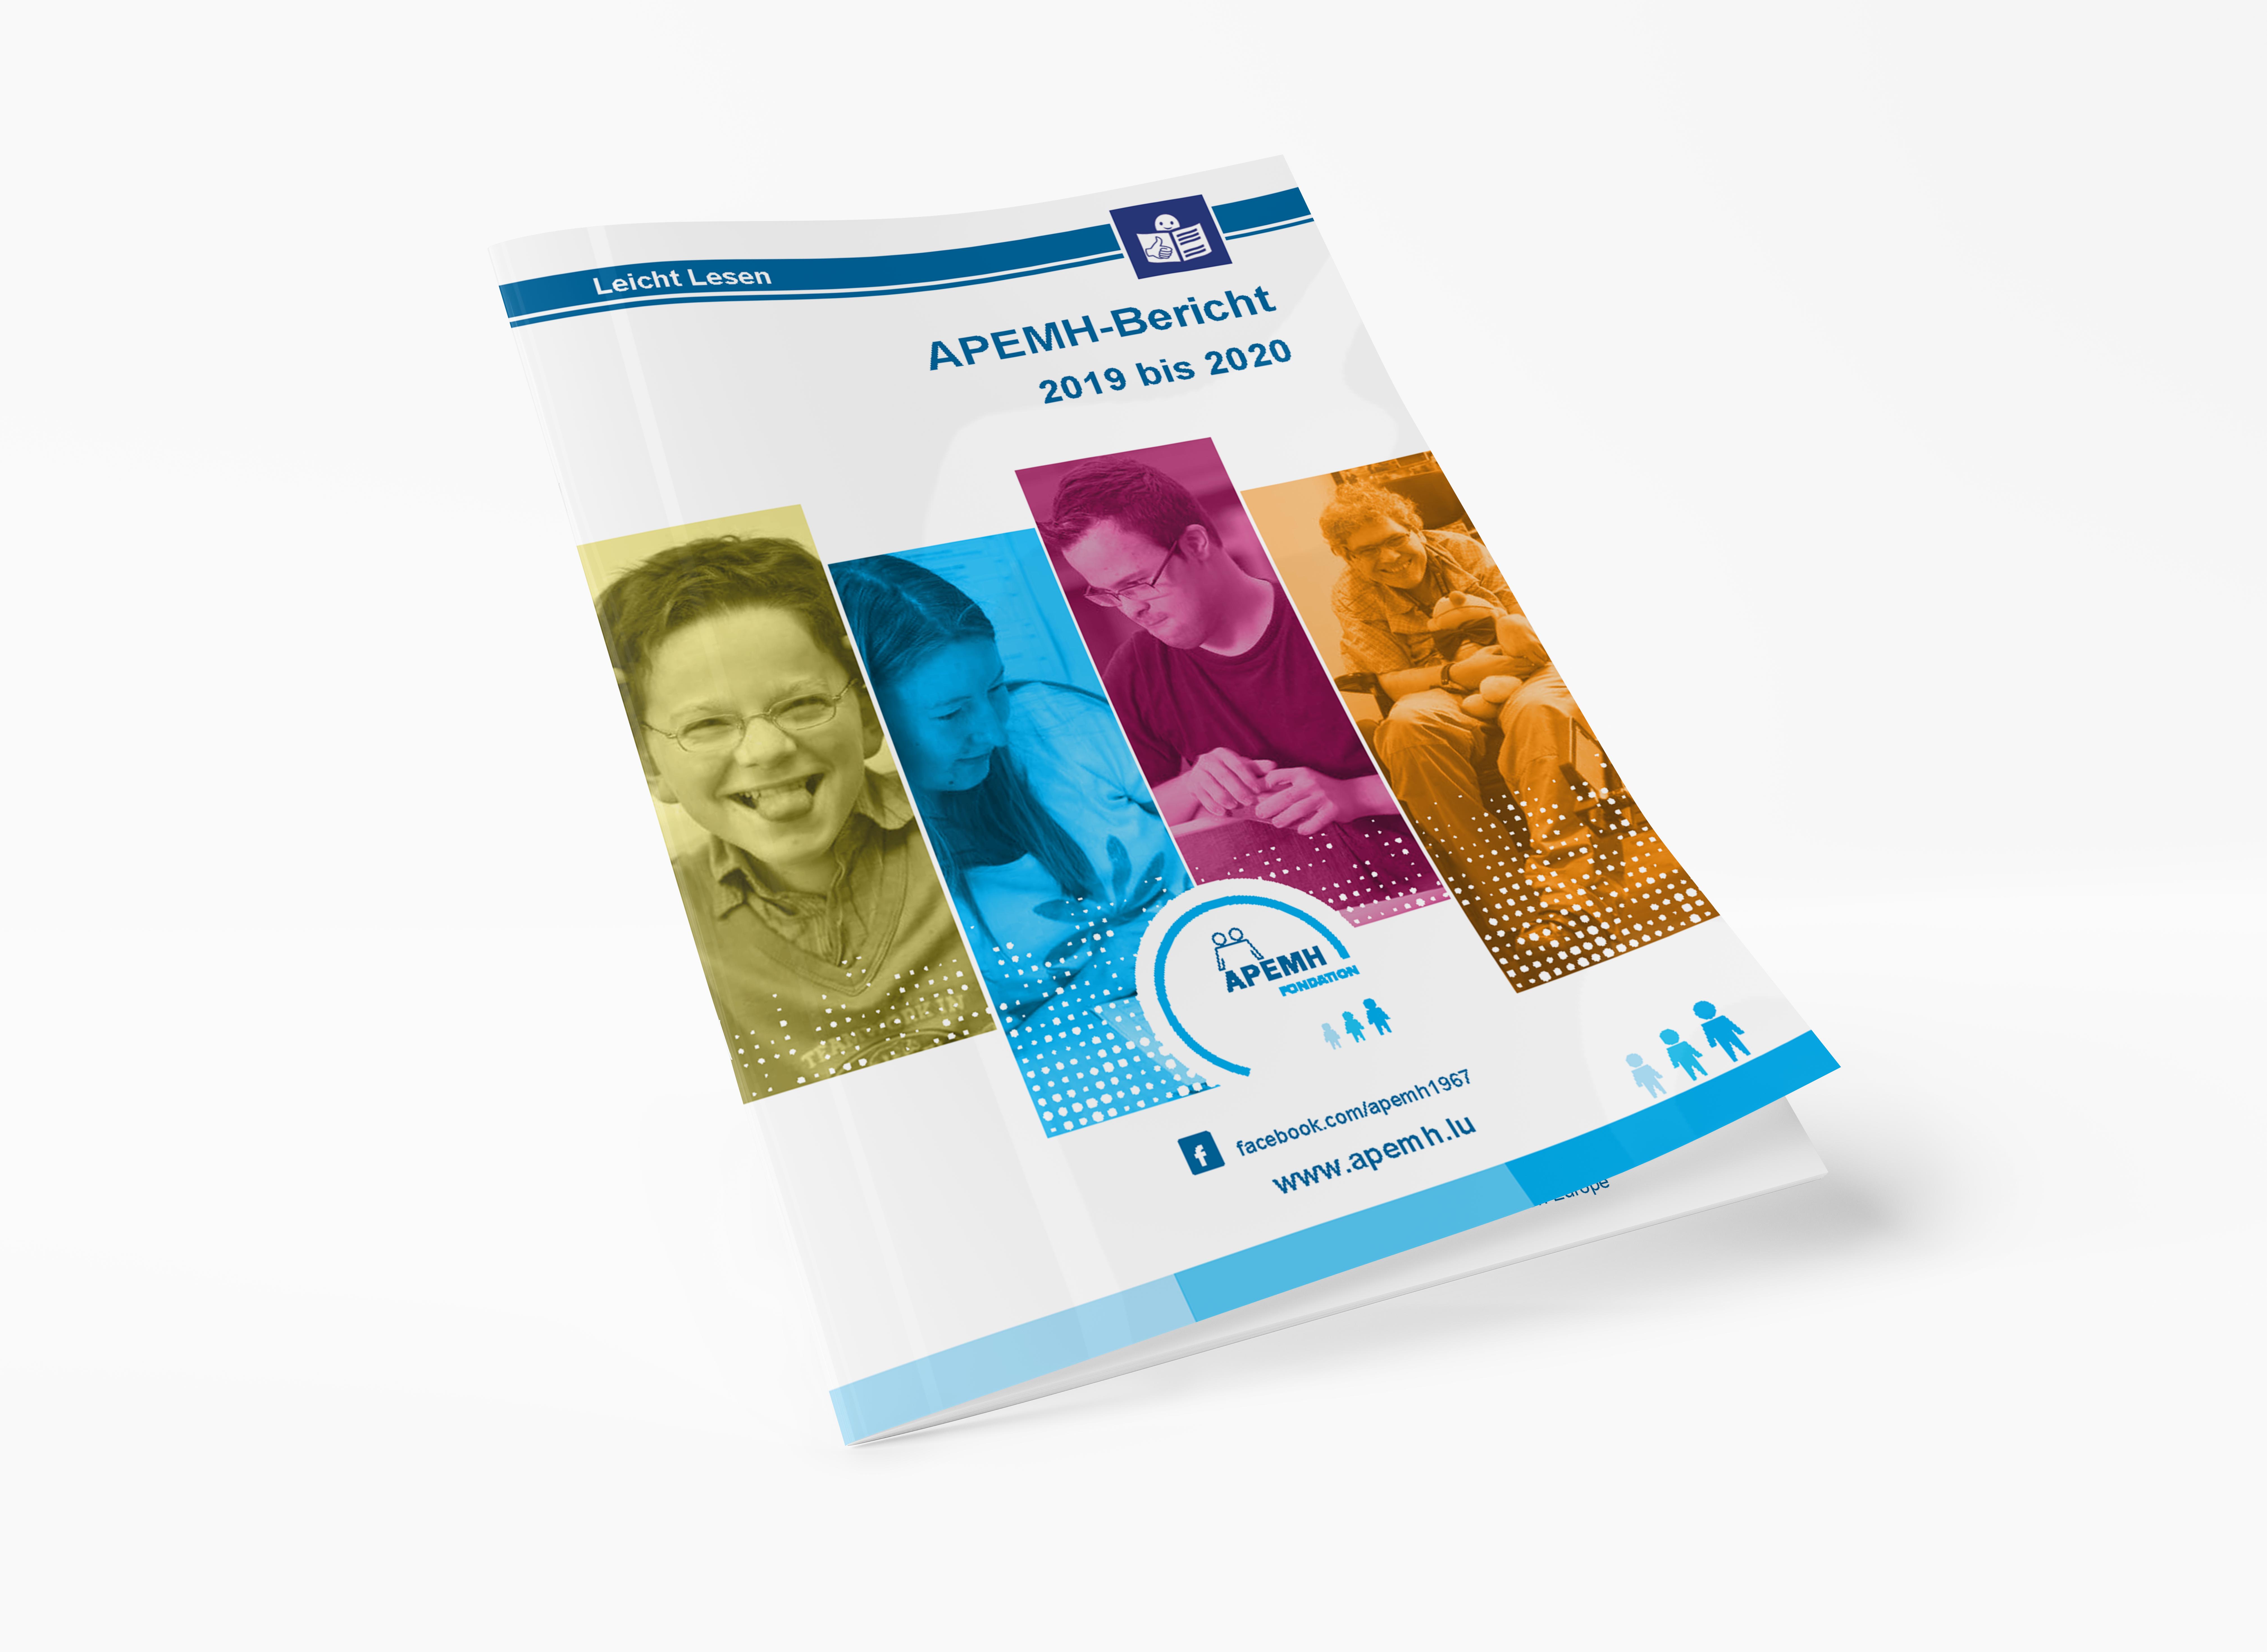 APEMH-Bericht 2019 bis 2020